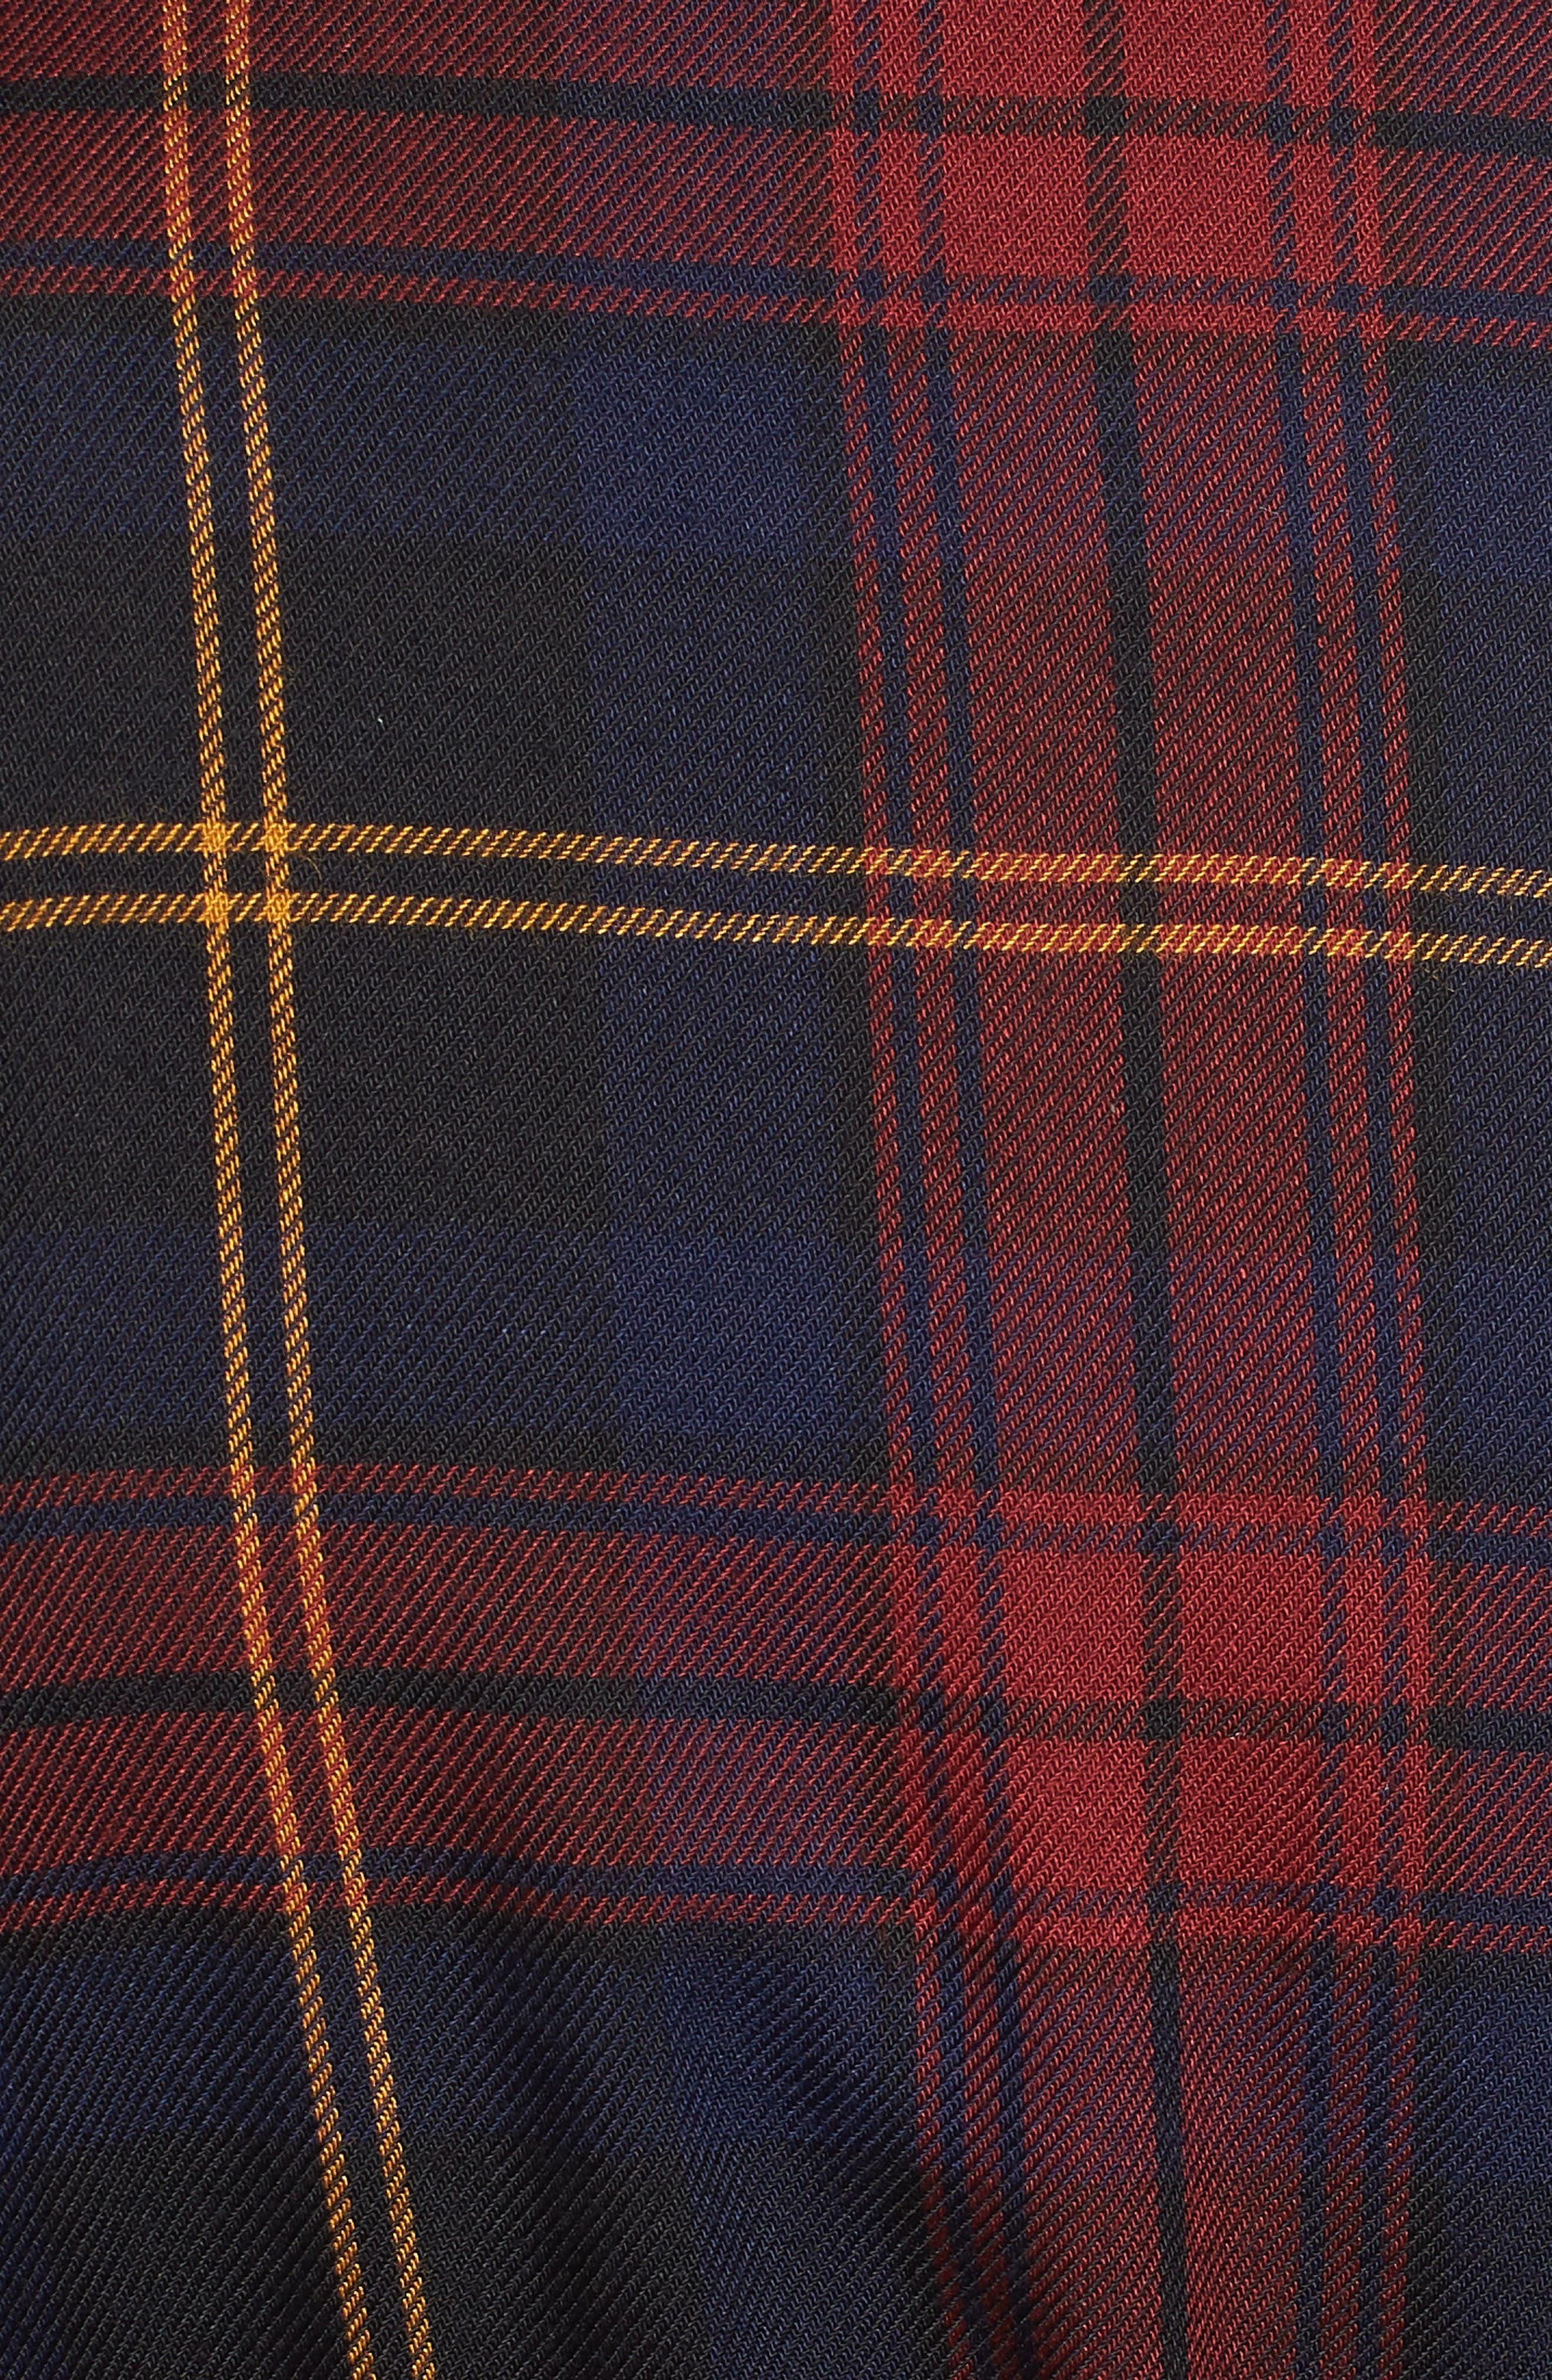 Plaid Ruffle Hem Dress,                             Alternate thumbnail 6, color,                             400